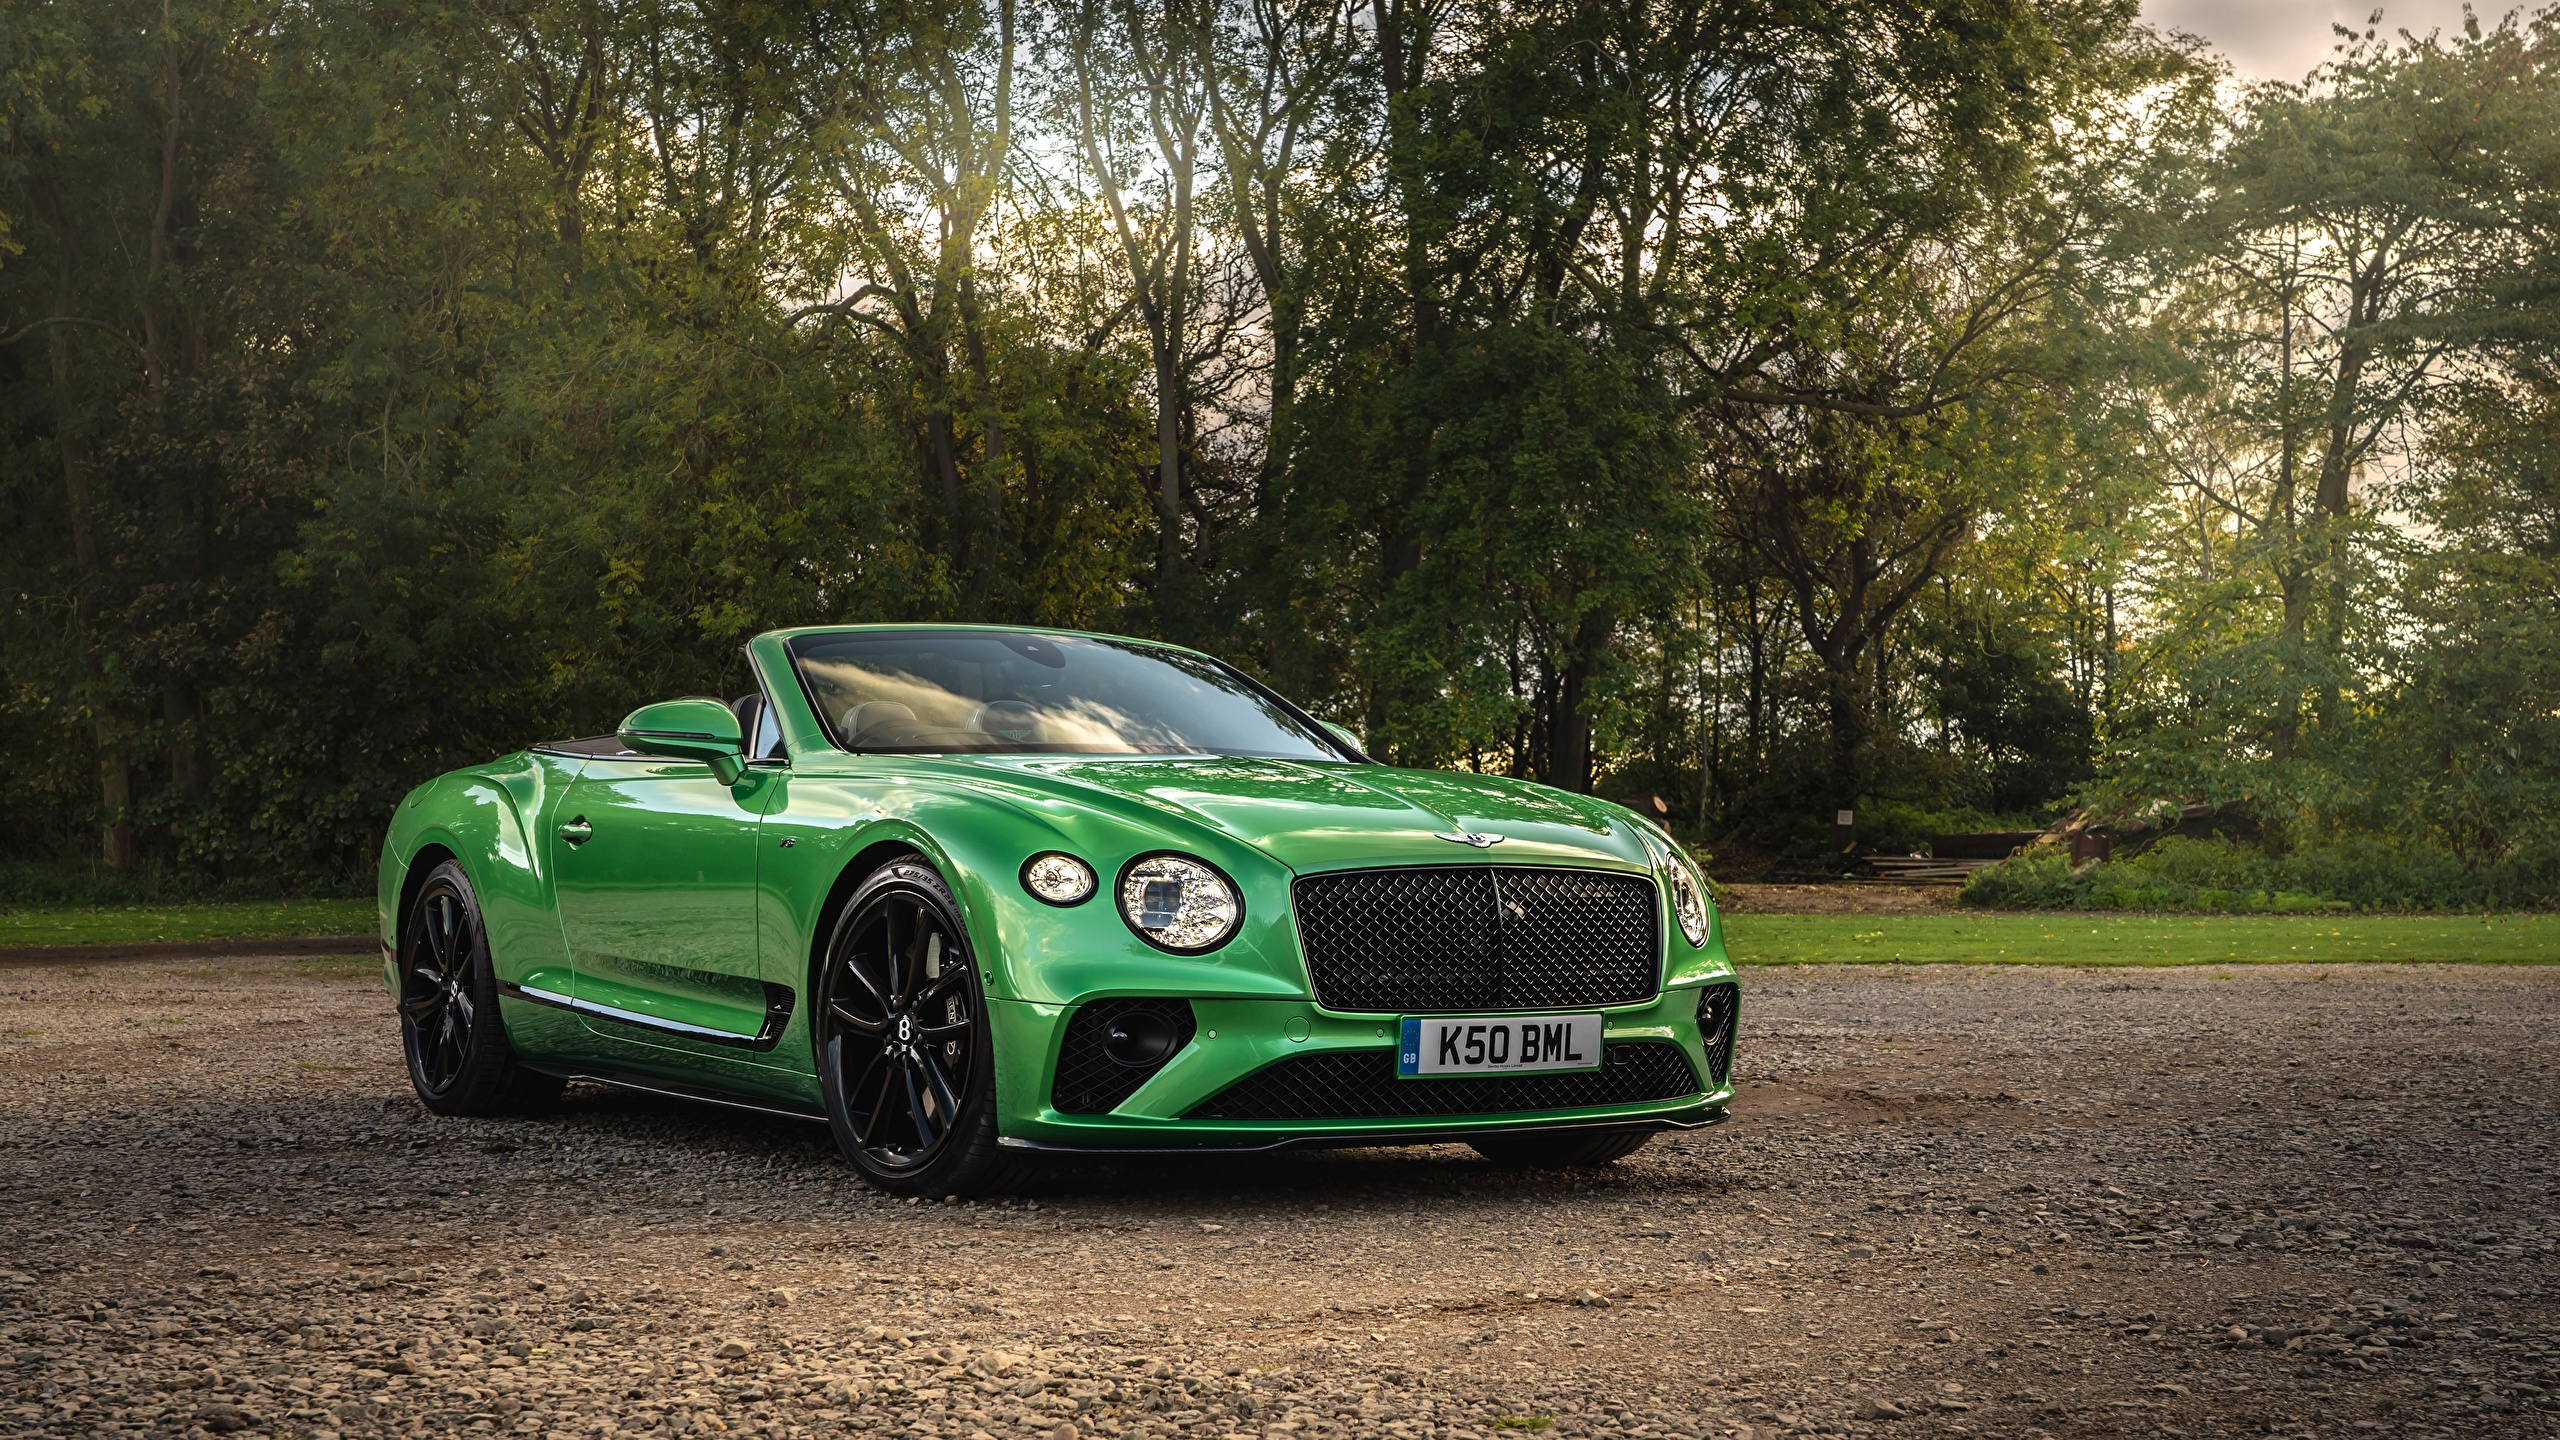 Bilder von Bentley Continental GT V8, Convertible (Apple Green), UK-spec, 2020 Cabriolet Grün auto Vorne 2560x1440 Cabrio Autos automobil